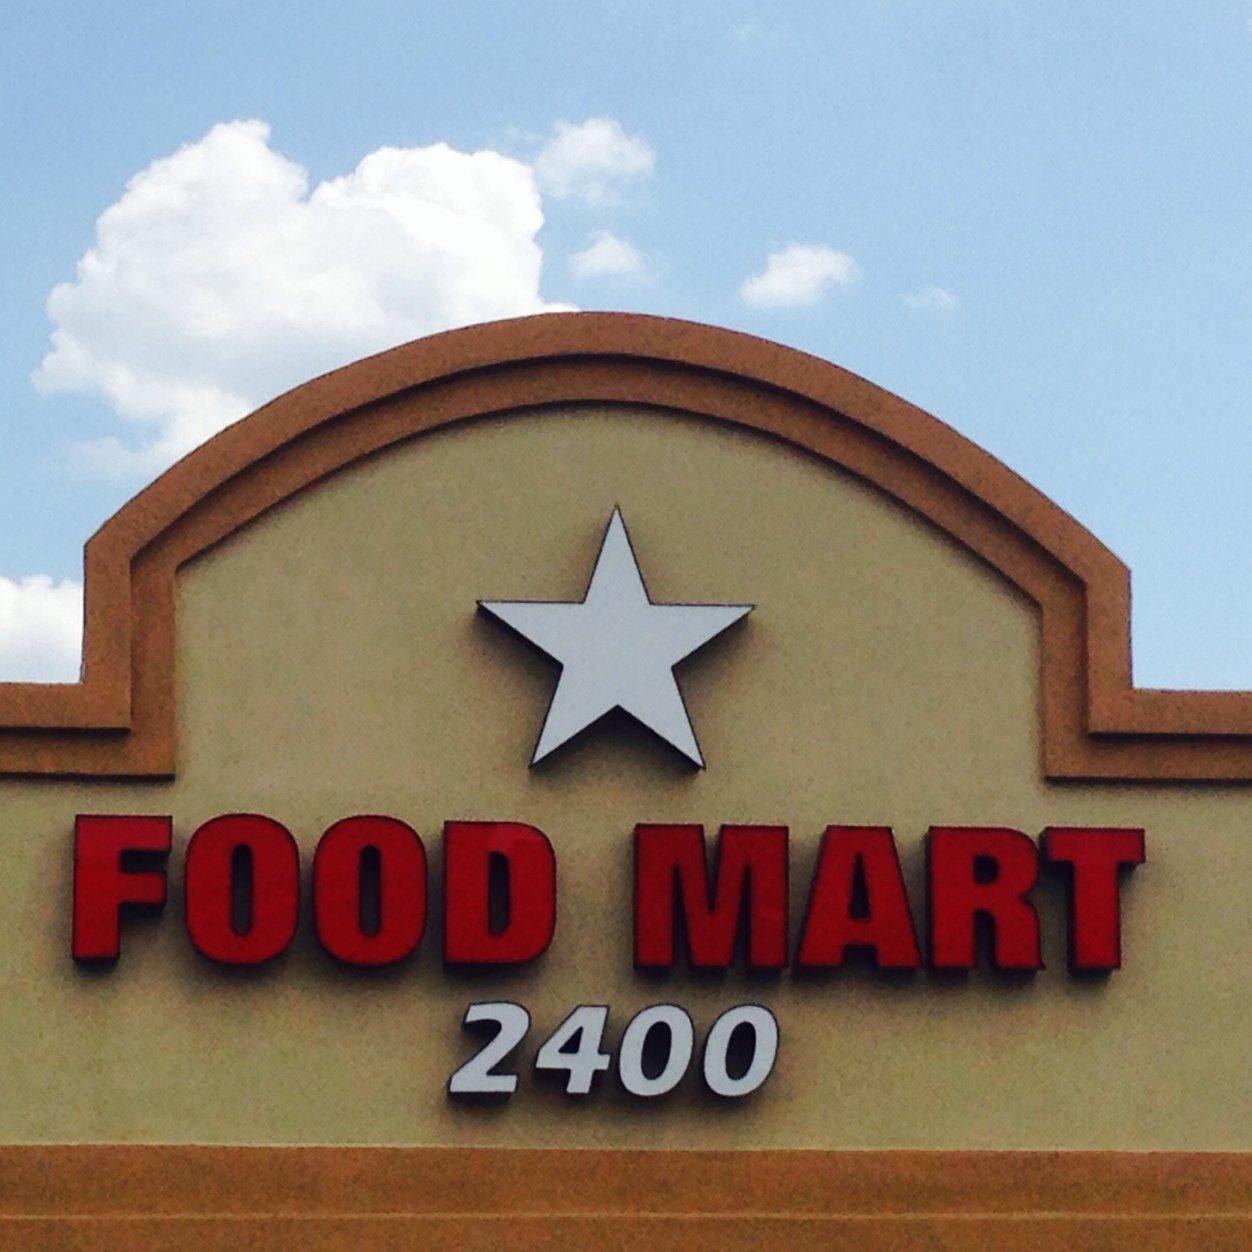 Food Mart 2400